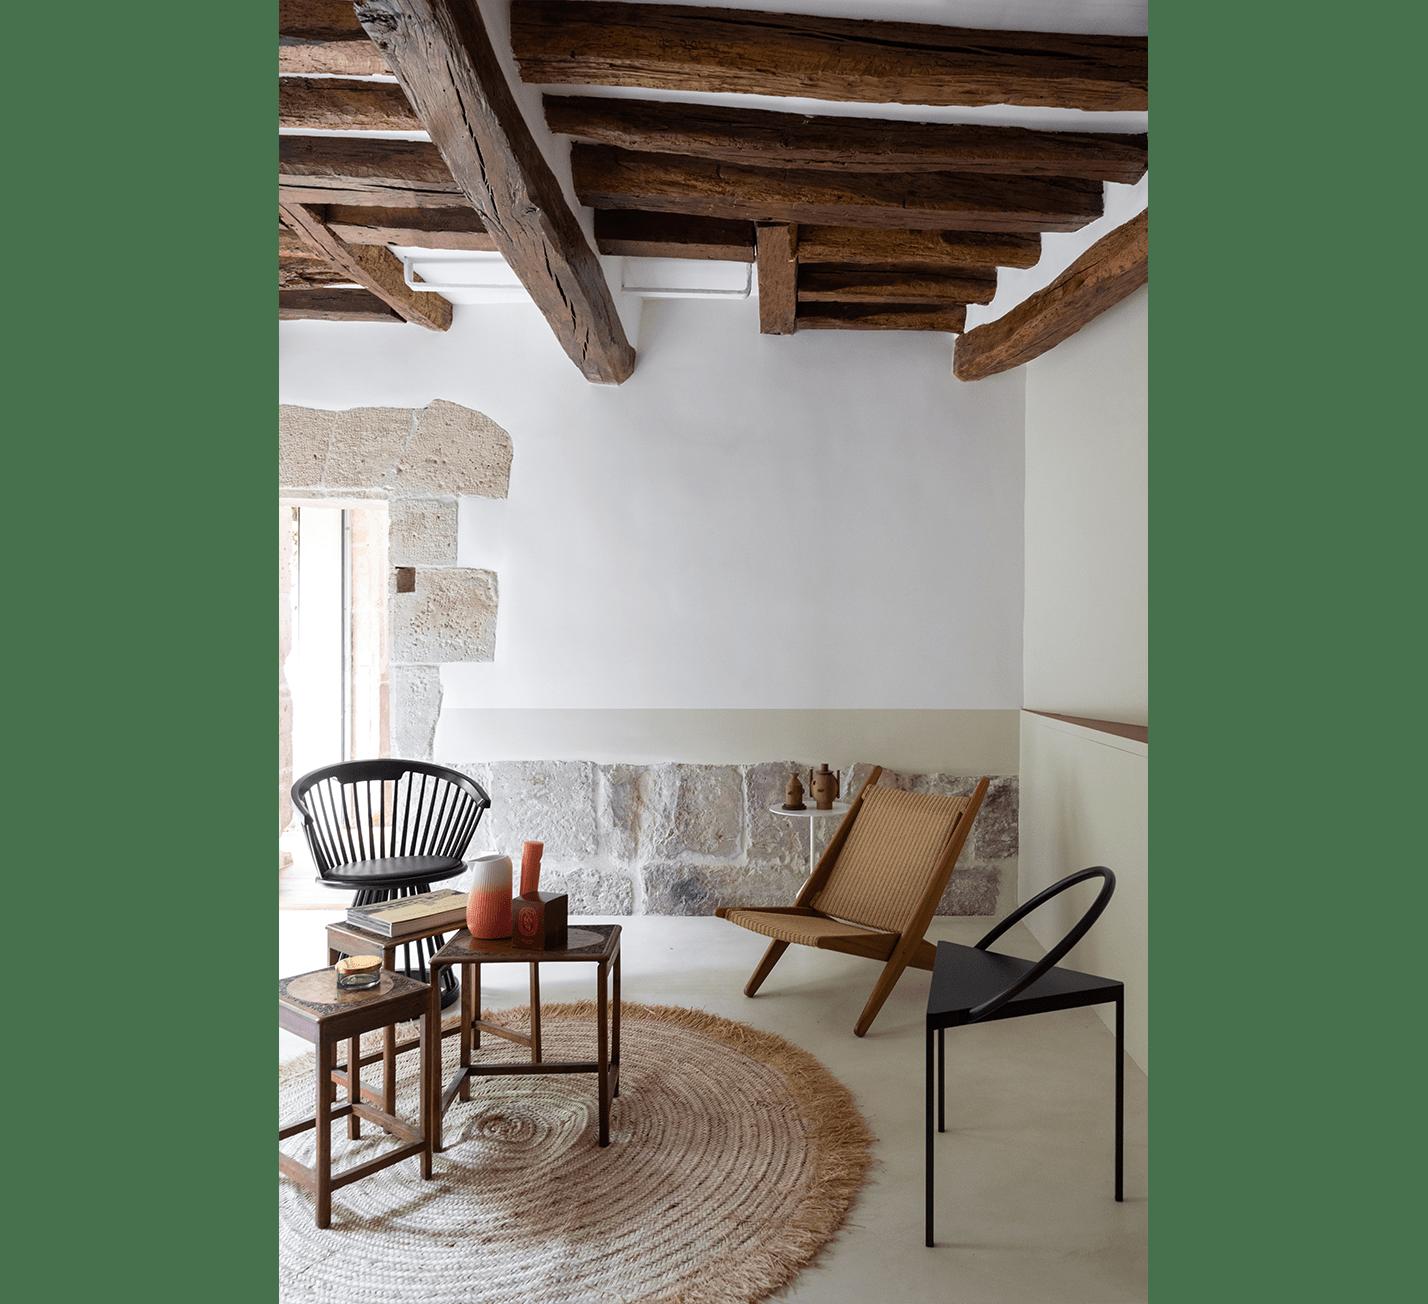 Projet-Gobelins-Atelier-Steve-Pauline-Borgia-Architecte-interieur-05-min